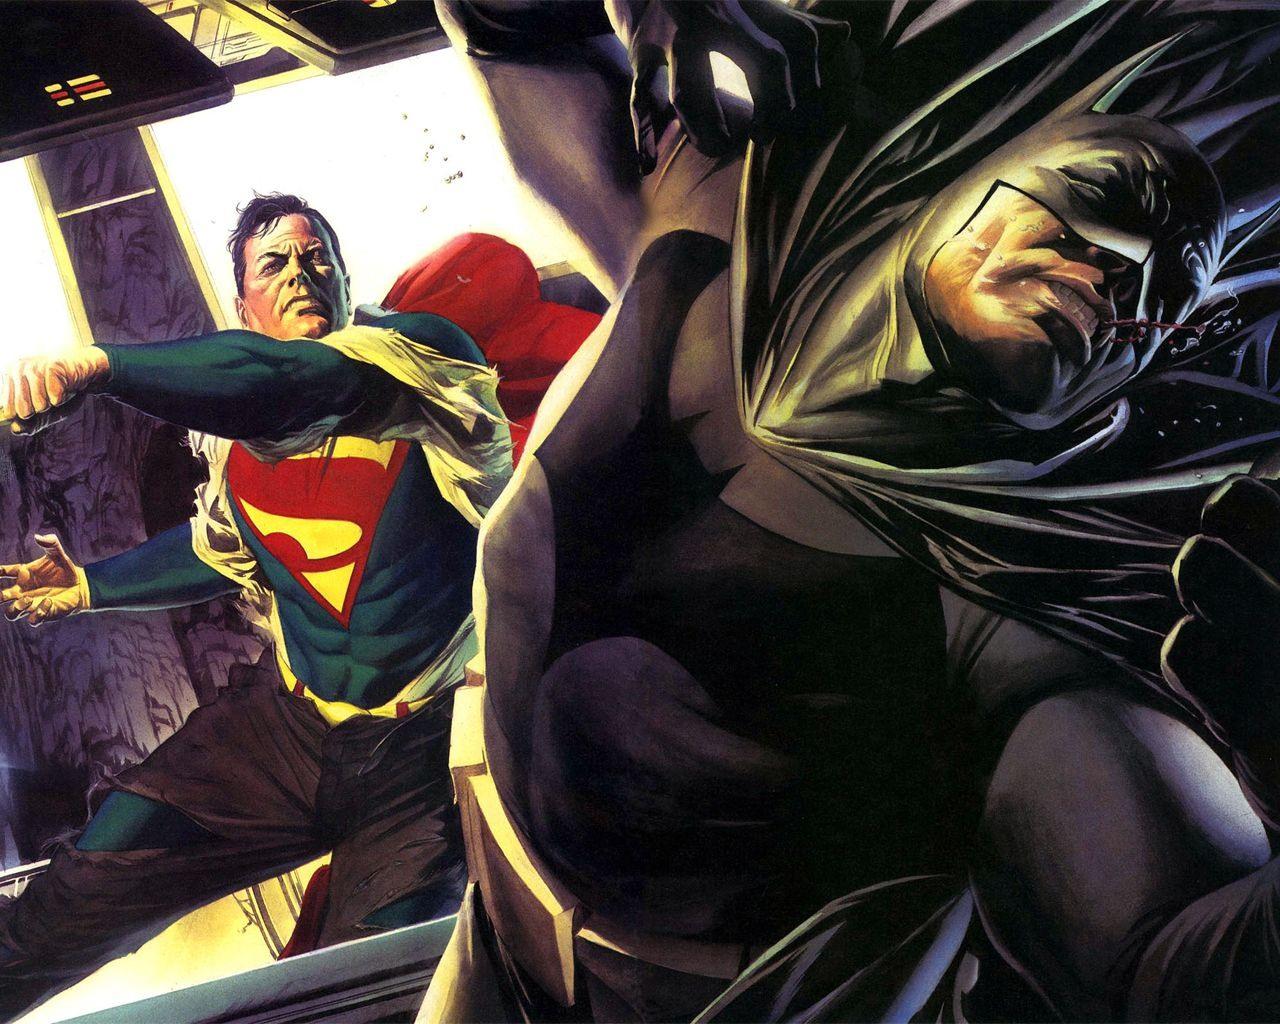 Batman and Superman desktop wallpaper 1280x1024